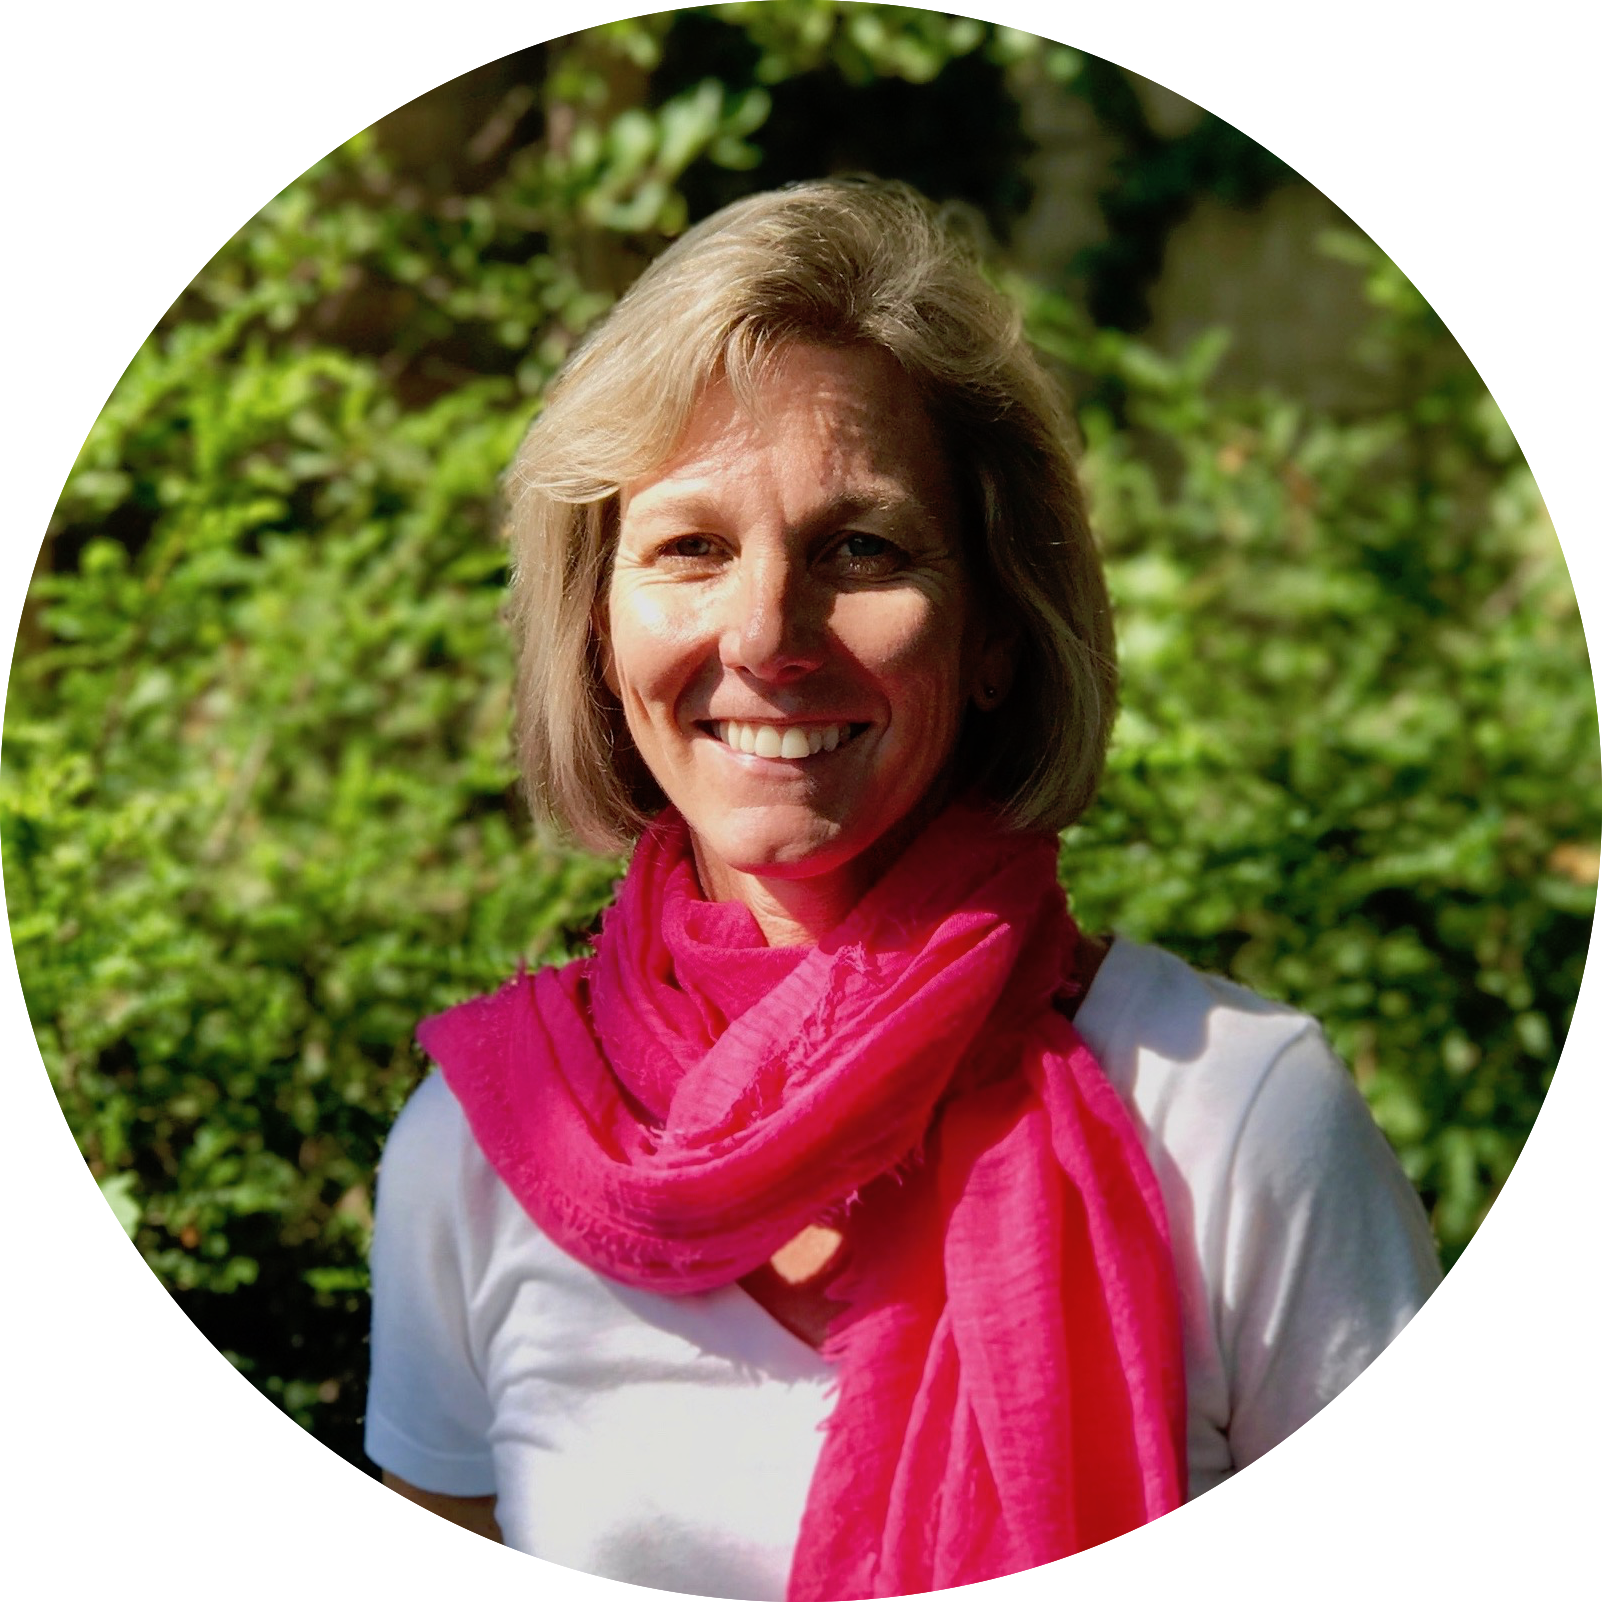 Heidi Dignan - School Administrative Assistant